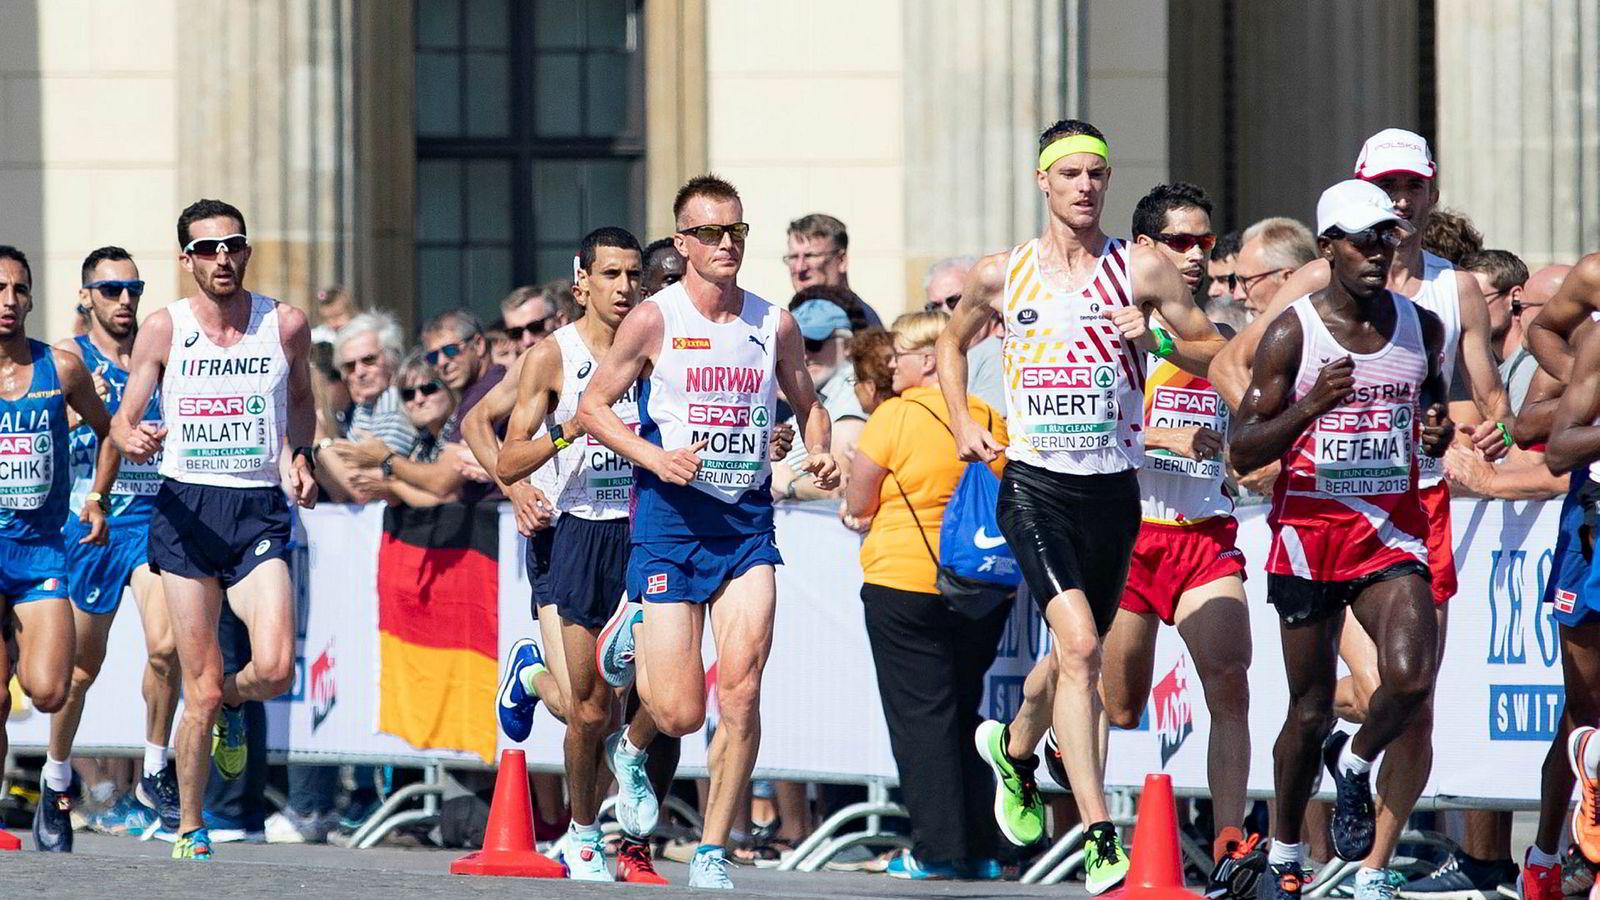 Sondre Nordstad Moen hadde en stund Europas raskeste tid på maraton. Her er han i aksjon under fjorårets friidretts-EM i Berlin.